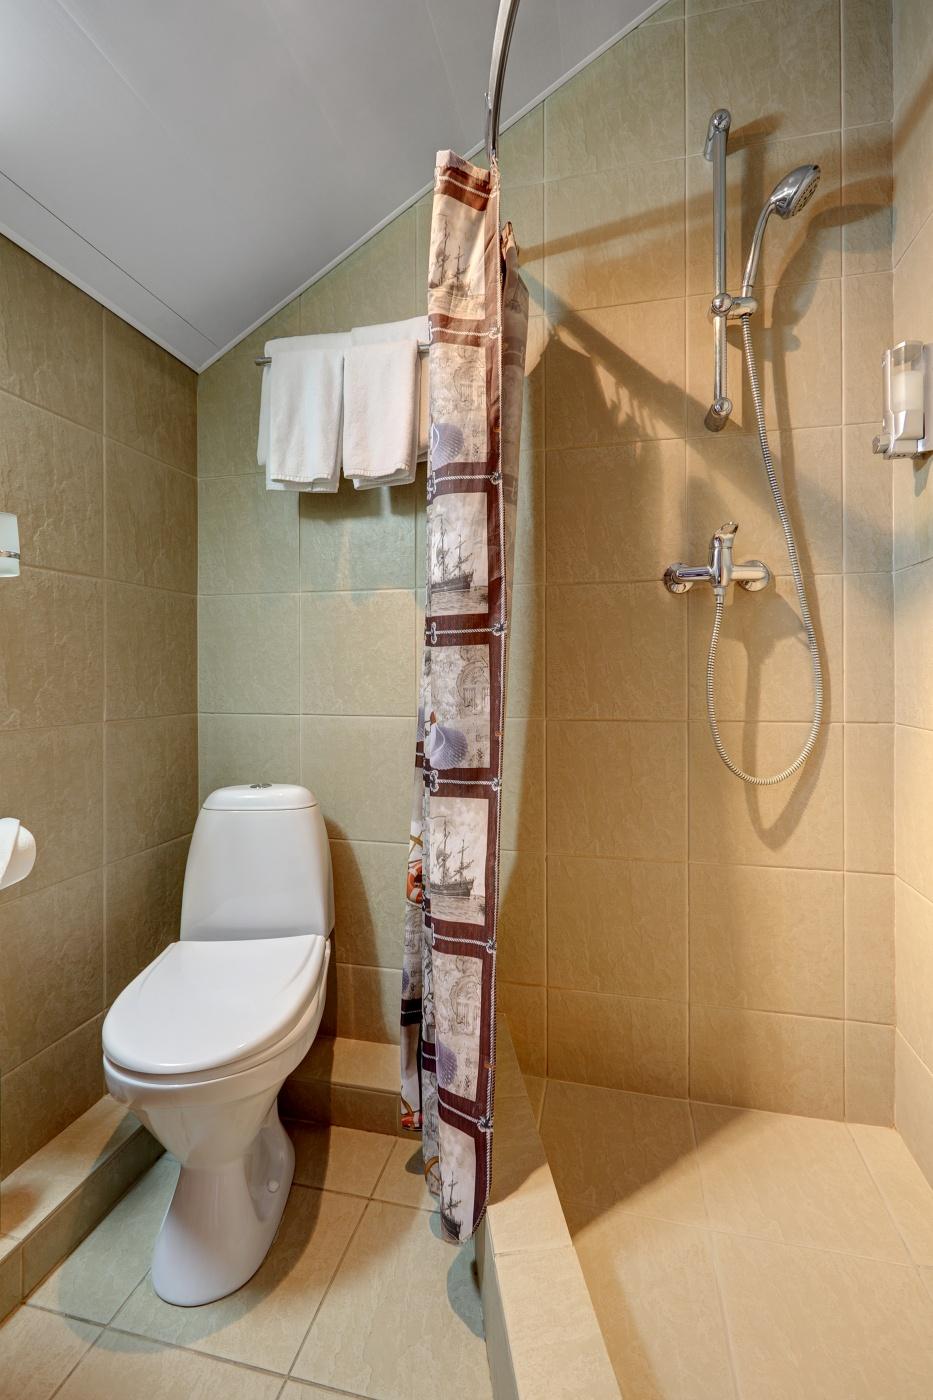 Загородный отель «Valesko Hotel & Spa» Московская область 1-комнатный одноместный номер «Эконом» (корпус 5), фото 3